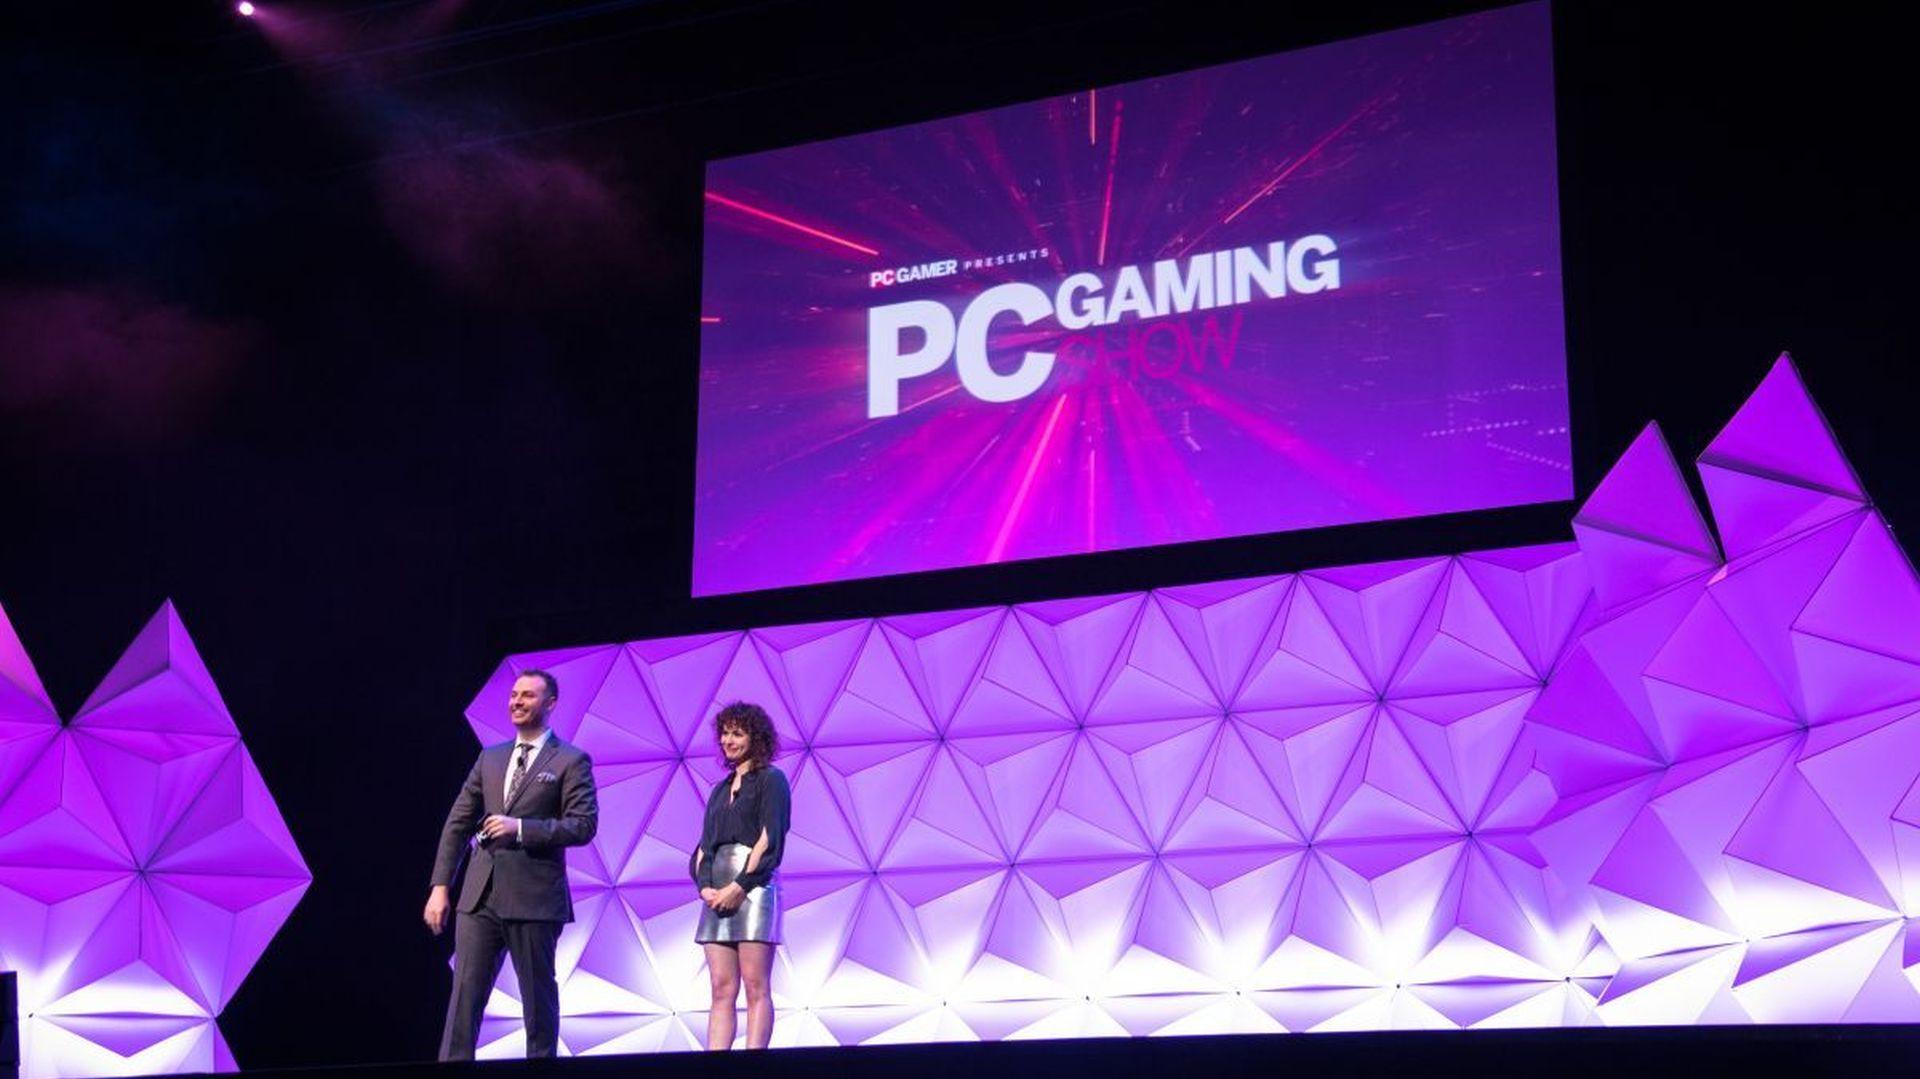 زمان برگزاری PC Gaming Show 2020